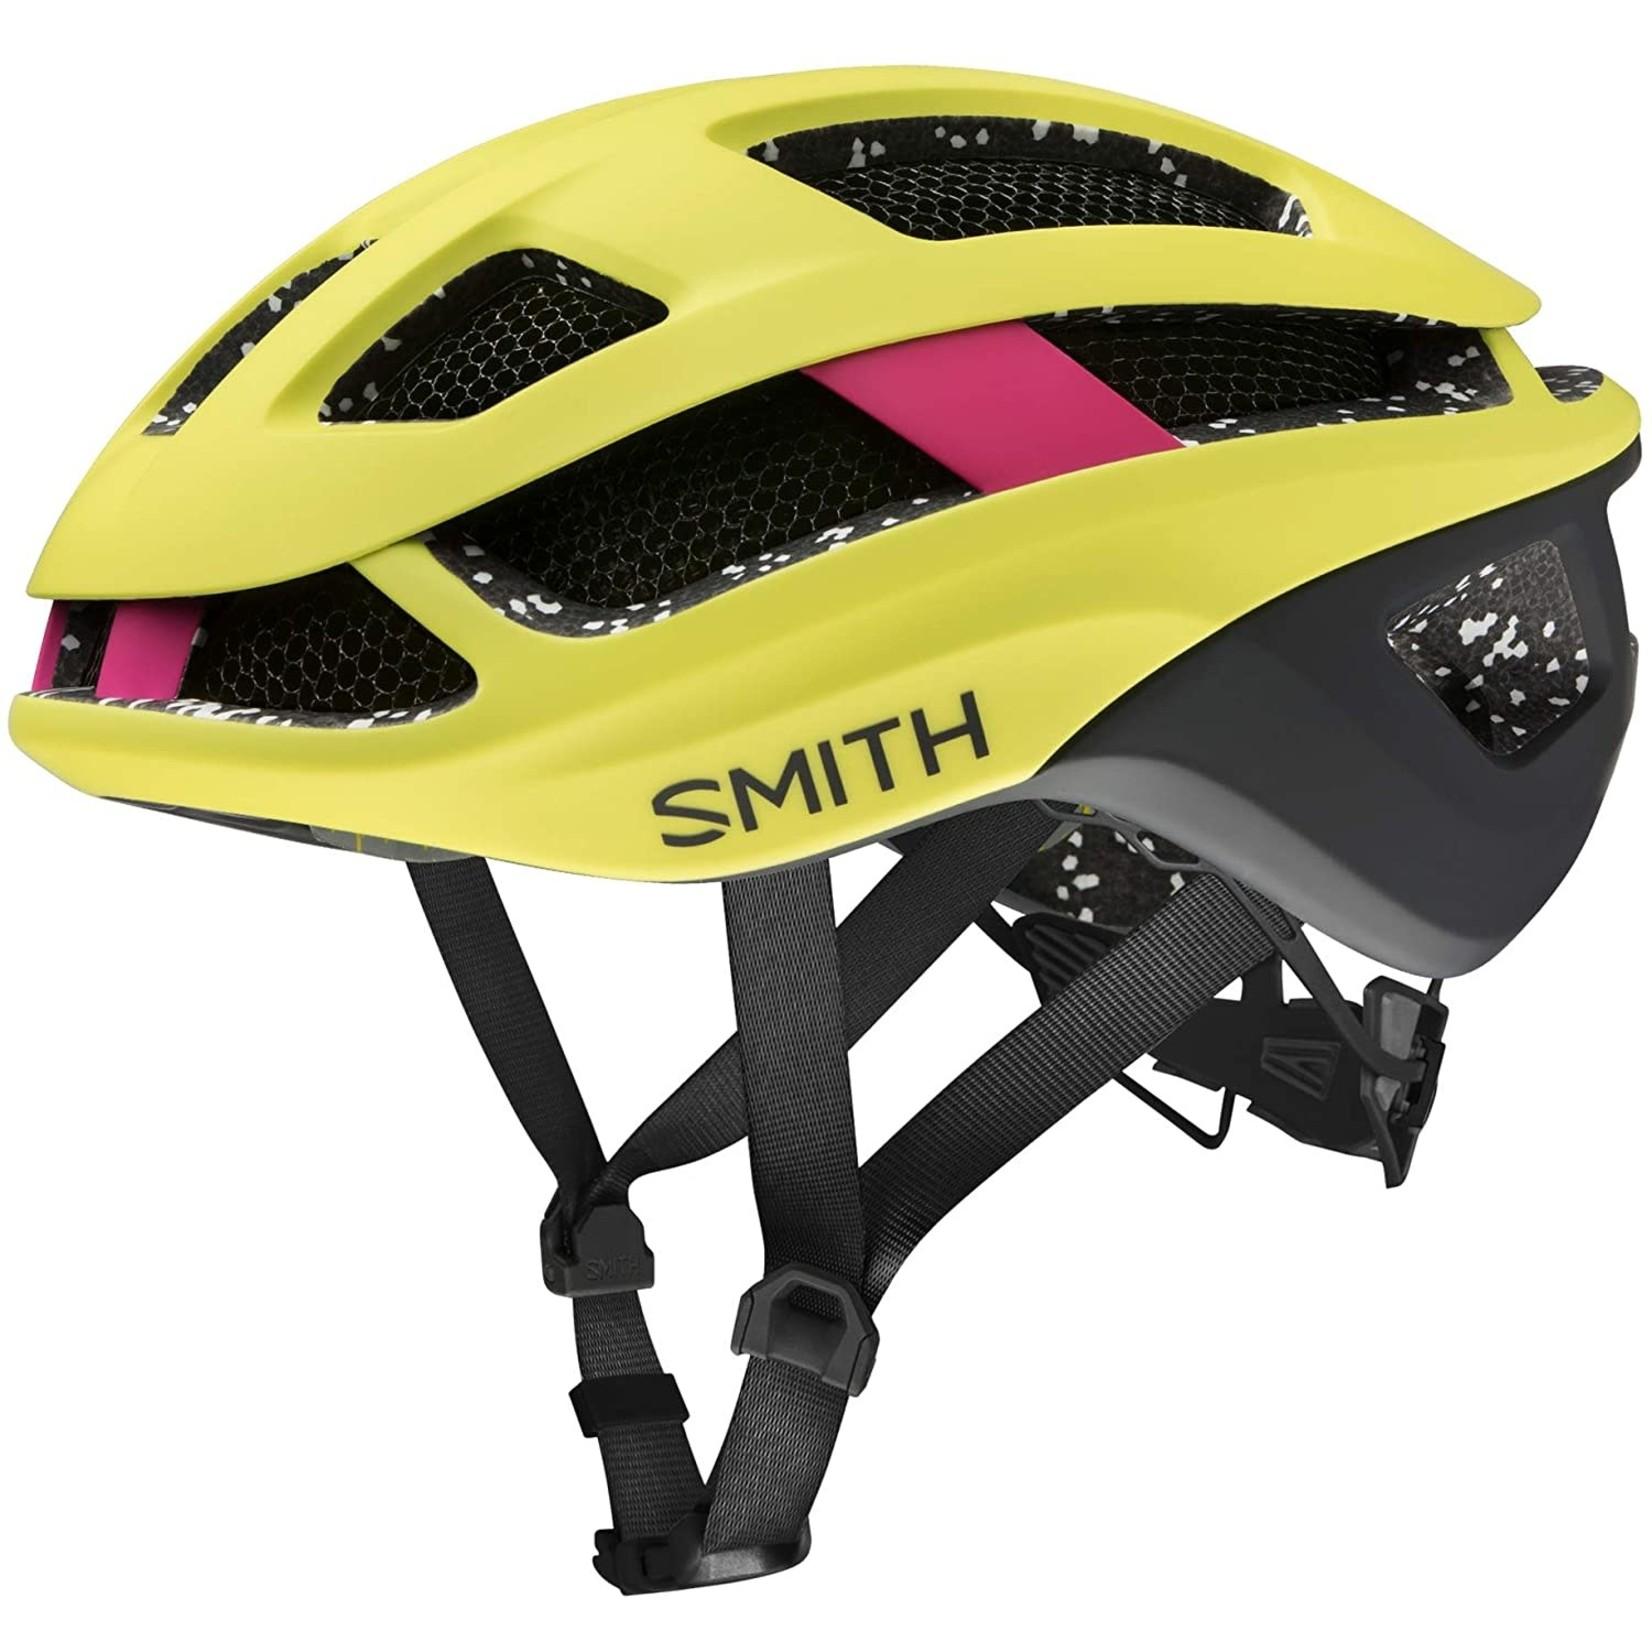 Smith Optics Smith Trace MIPS Matte Citron/Peony SM